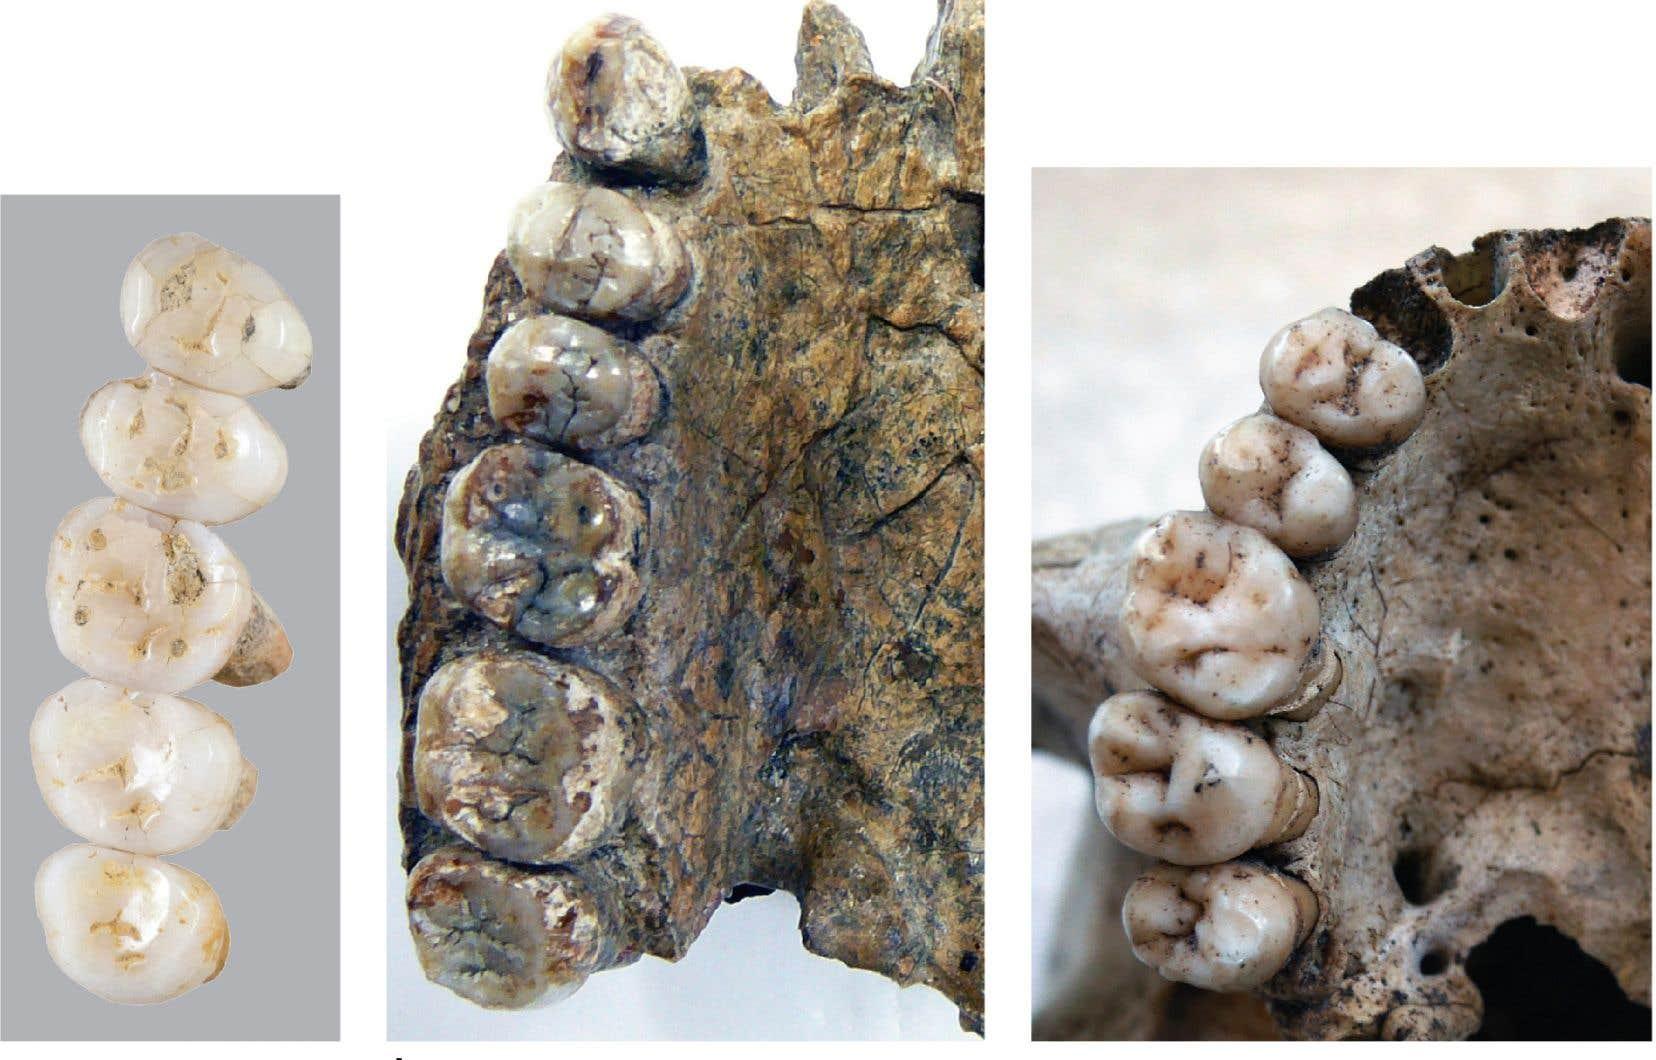 Les prémolaires d'«Homo luzonensis» présentent des ressemblances avec celles des Australopithèques et d'autres espèces anciennes du genre «Homo», comme «Homo habilis» et «Homo erectus».